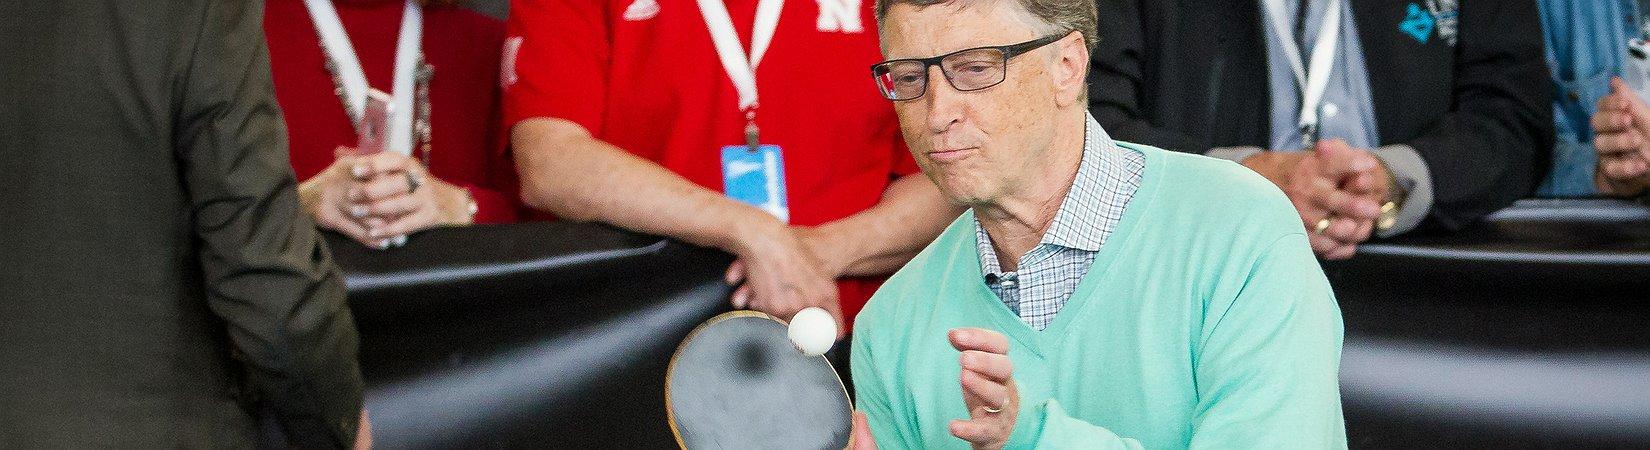 Por qué no te convertirás en Bill Gates